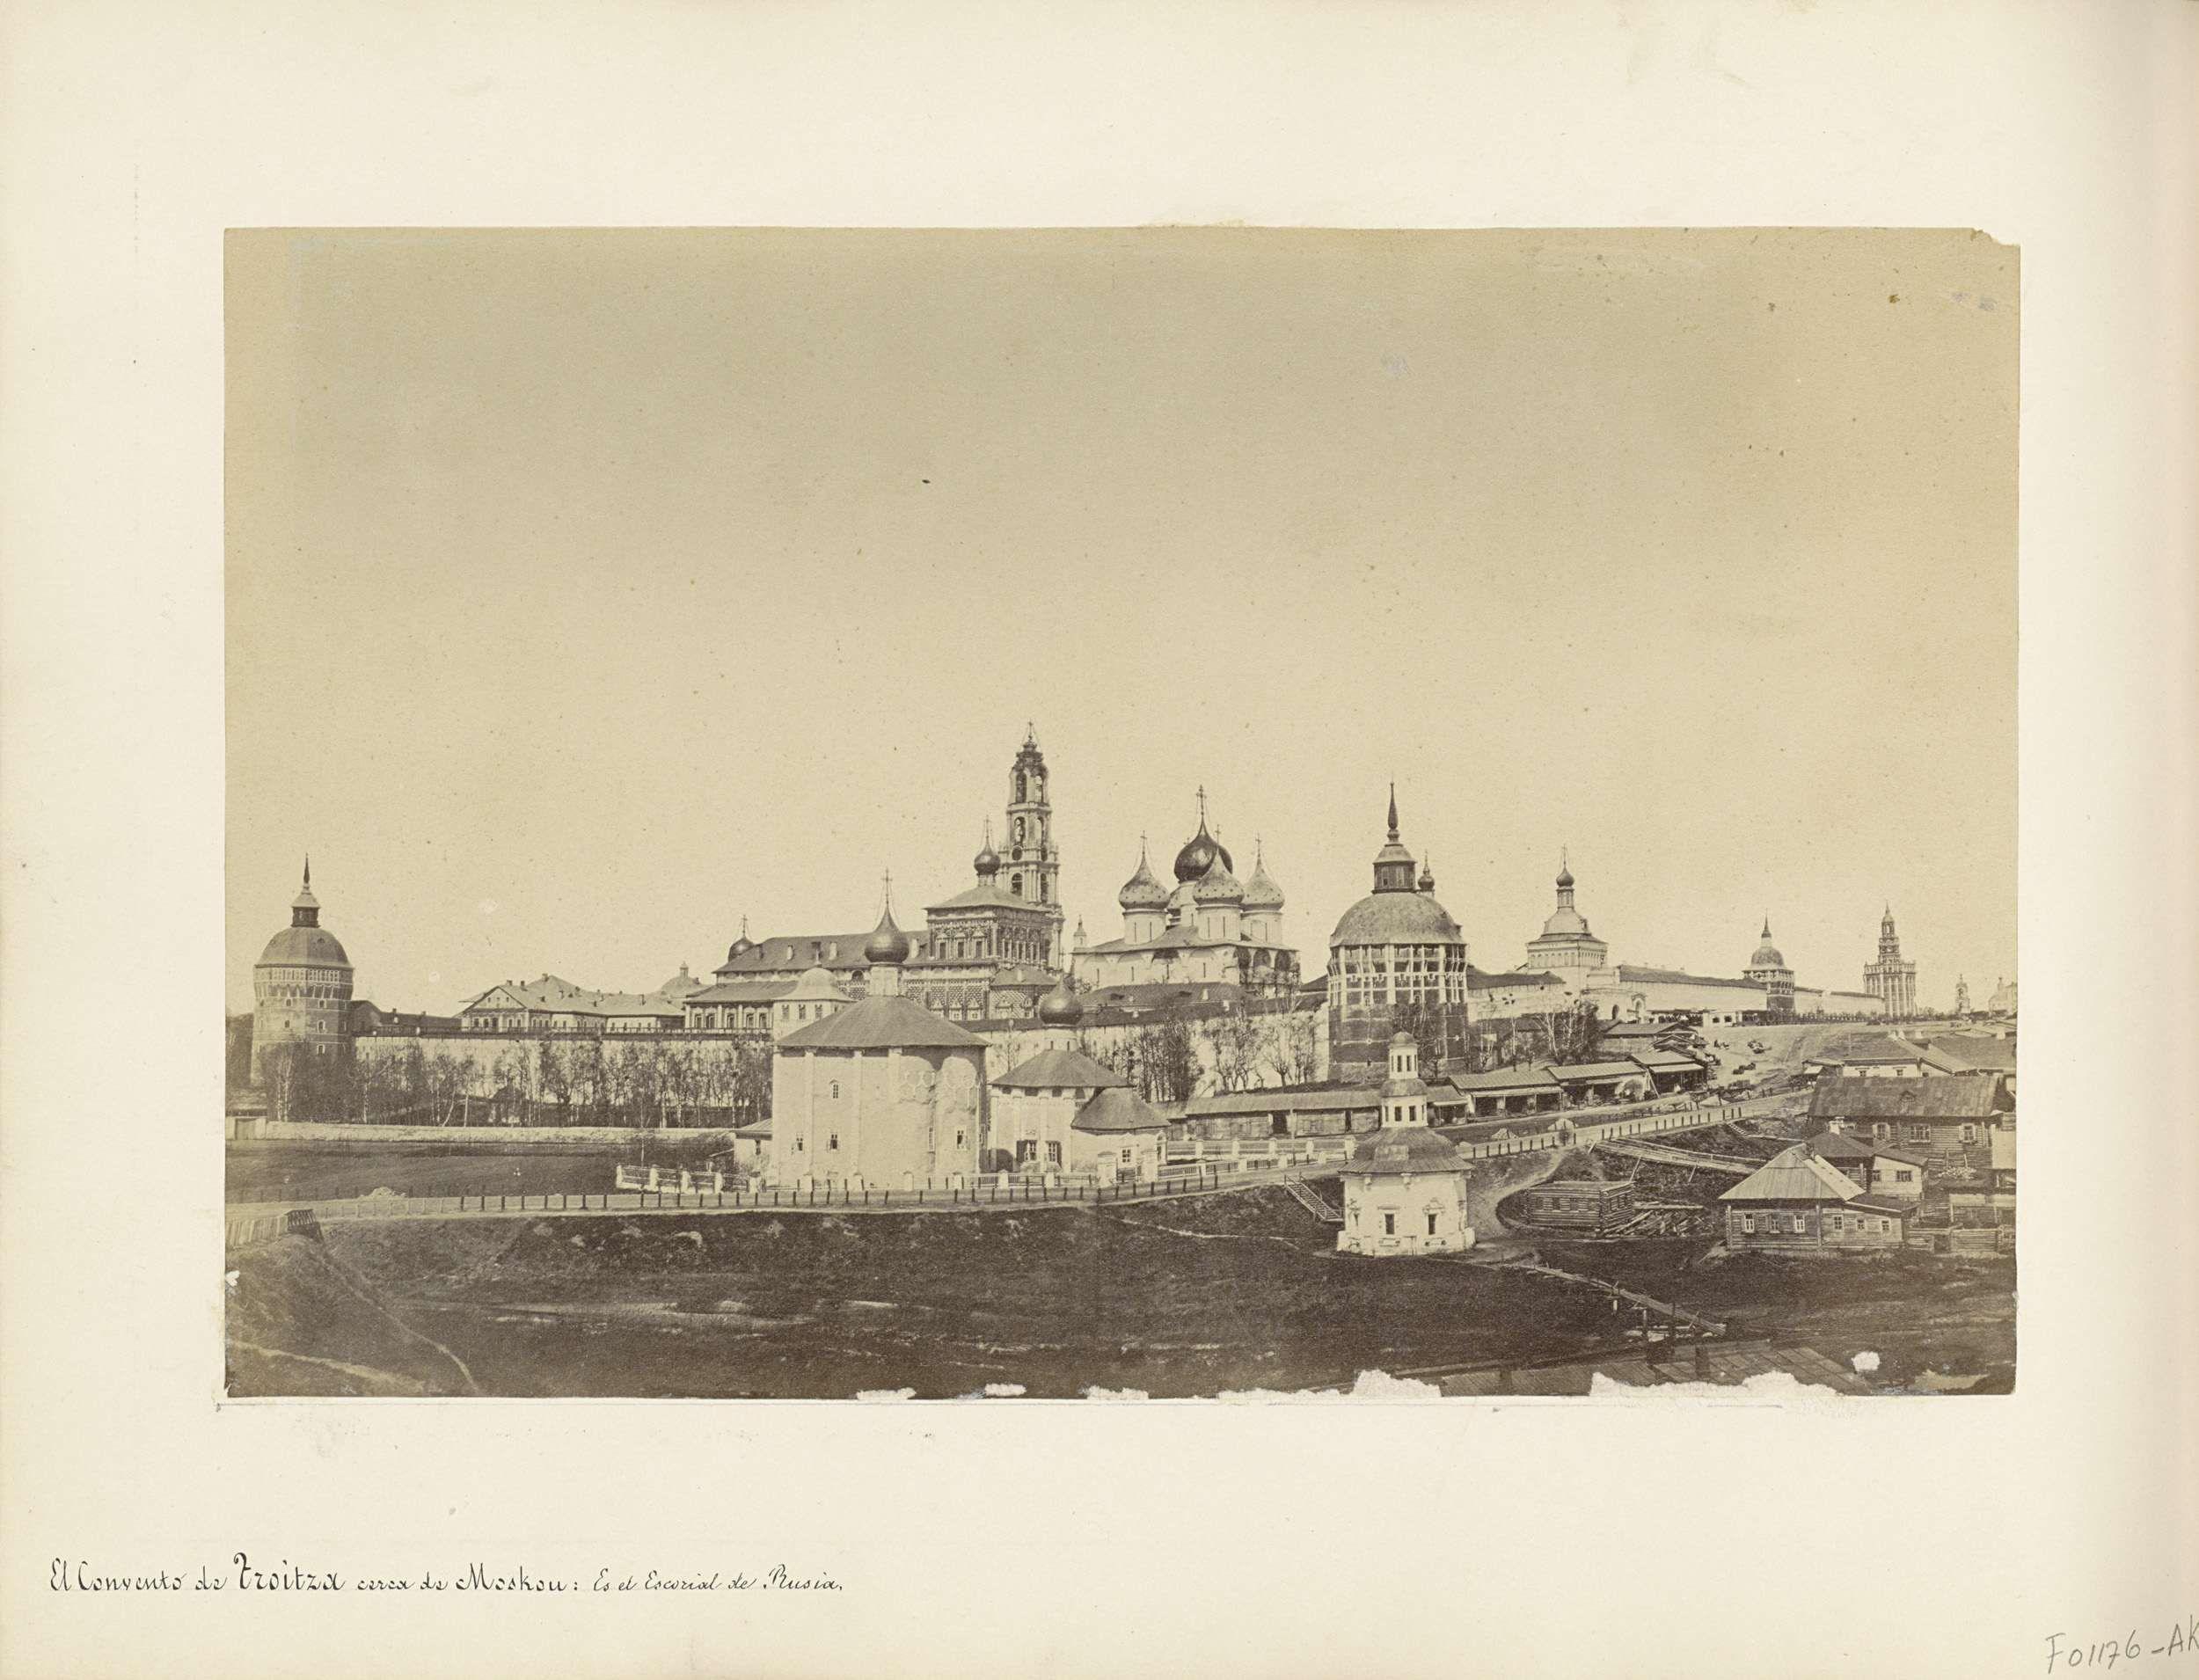 Anonymous | Panoramafoto van het Klooster van de Heilige Drie-eenheid en de Heilige Sergej in Sergiyev Posad, Anonymous, 1850 - 1876 | Onderdeel van Reisalbum met foto's en tekeningen van Manuel Mayo 1876.